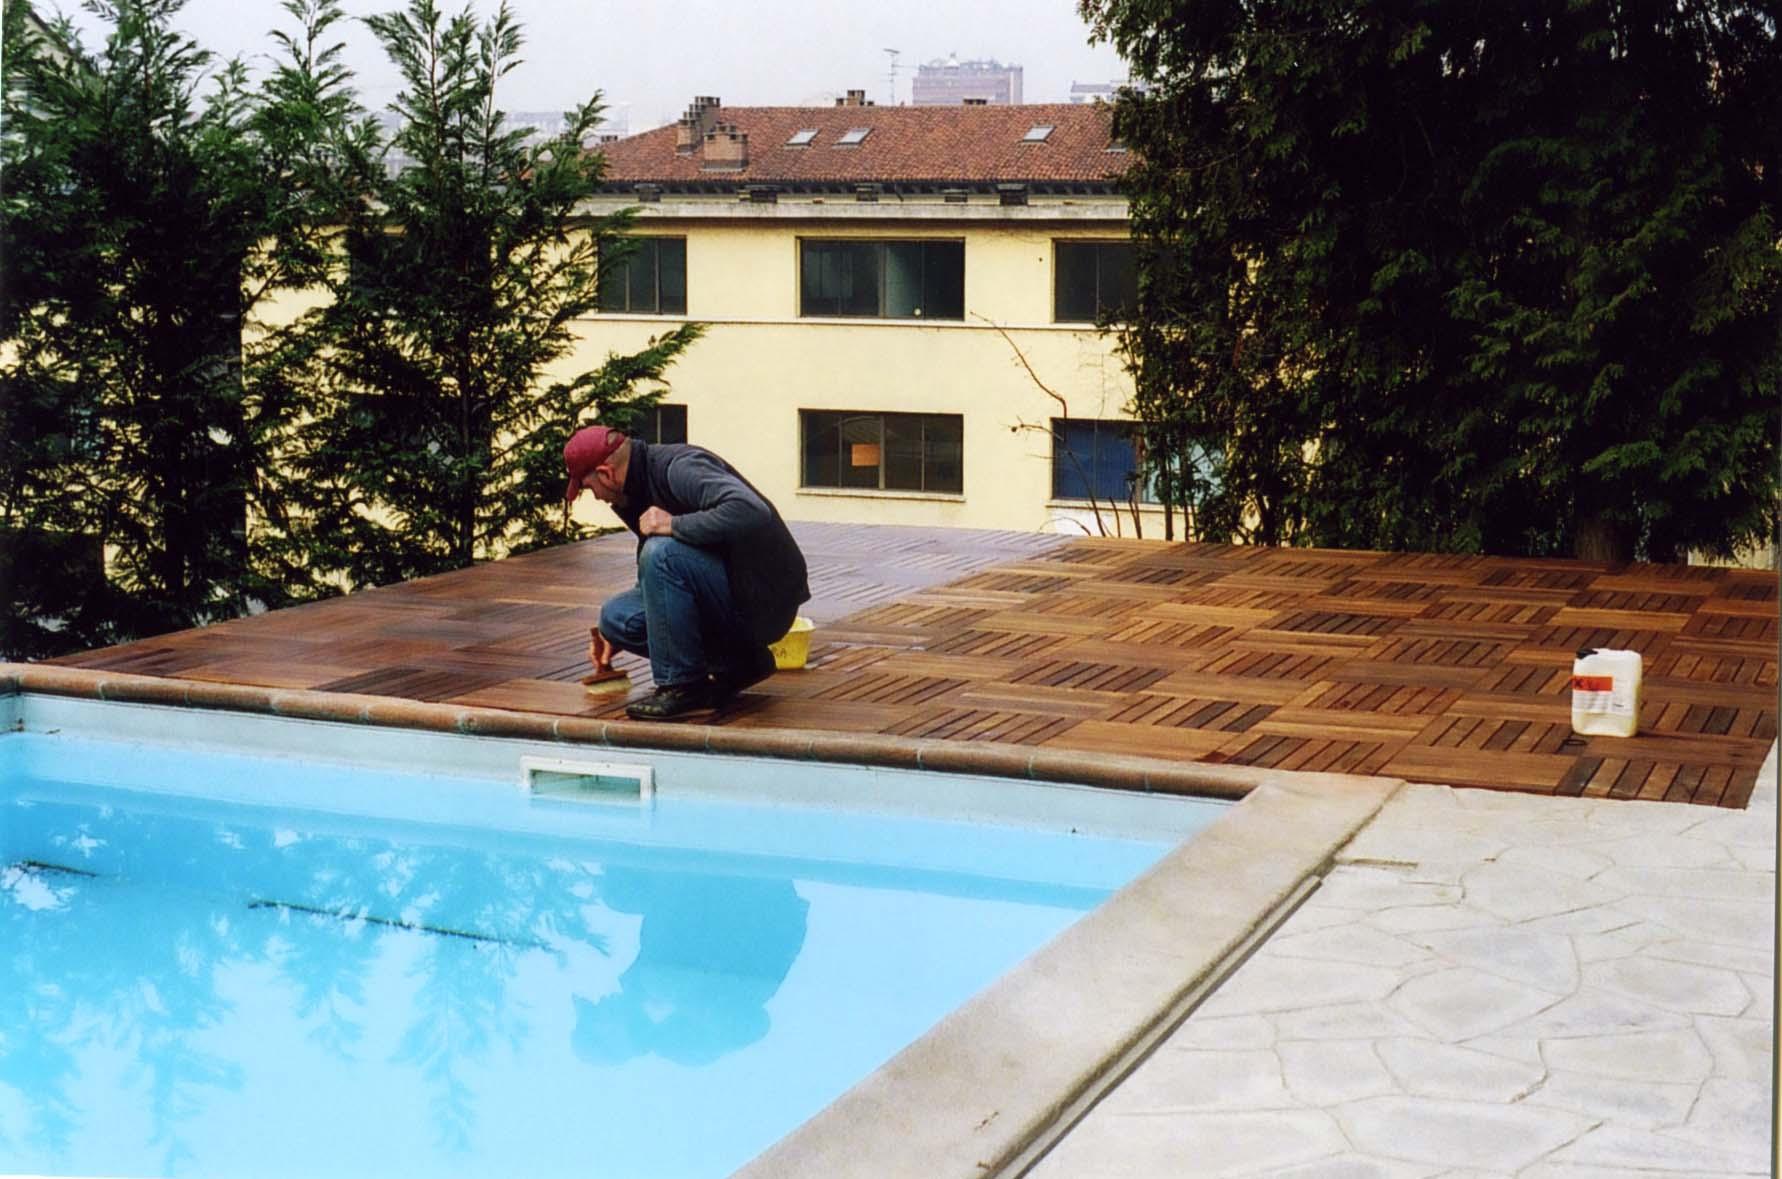 065 Pavimento esterni - privato